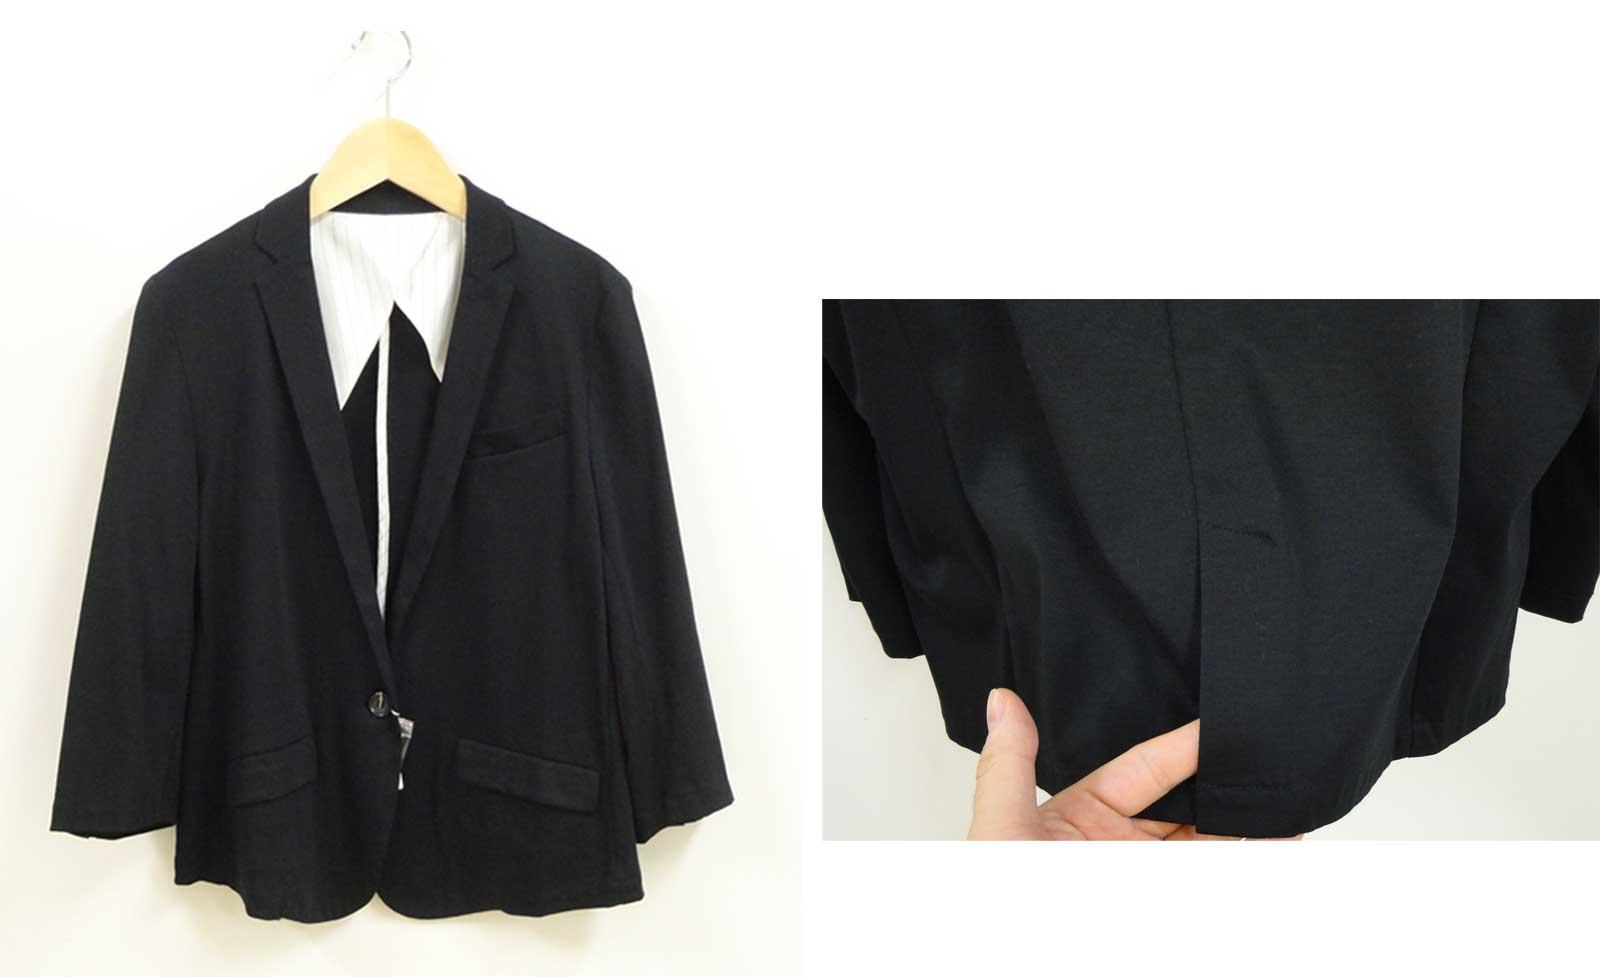 995ジャケット黒b4